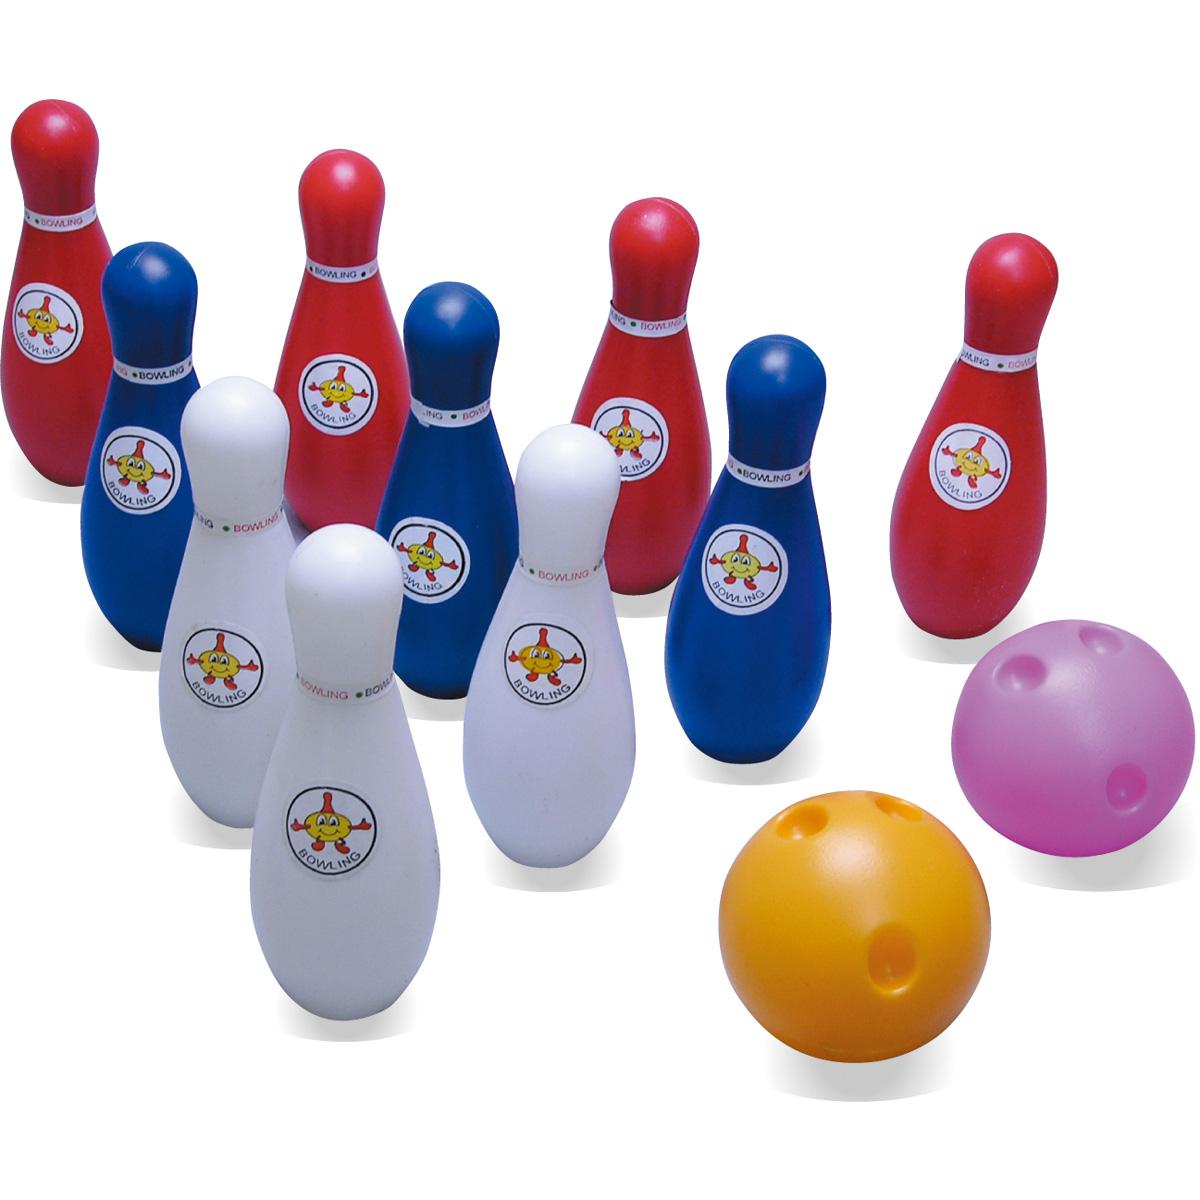 スポーツ玩具 おもちゃ カラフルボーリングセット キッズ ボーリング 自由研究 科学工作 体験学習 教材